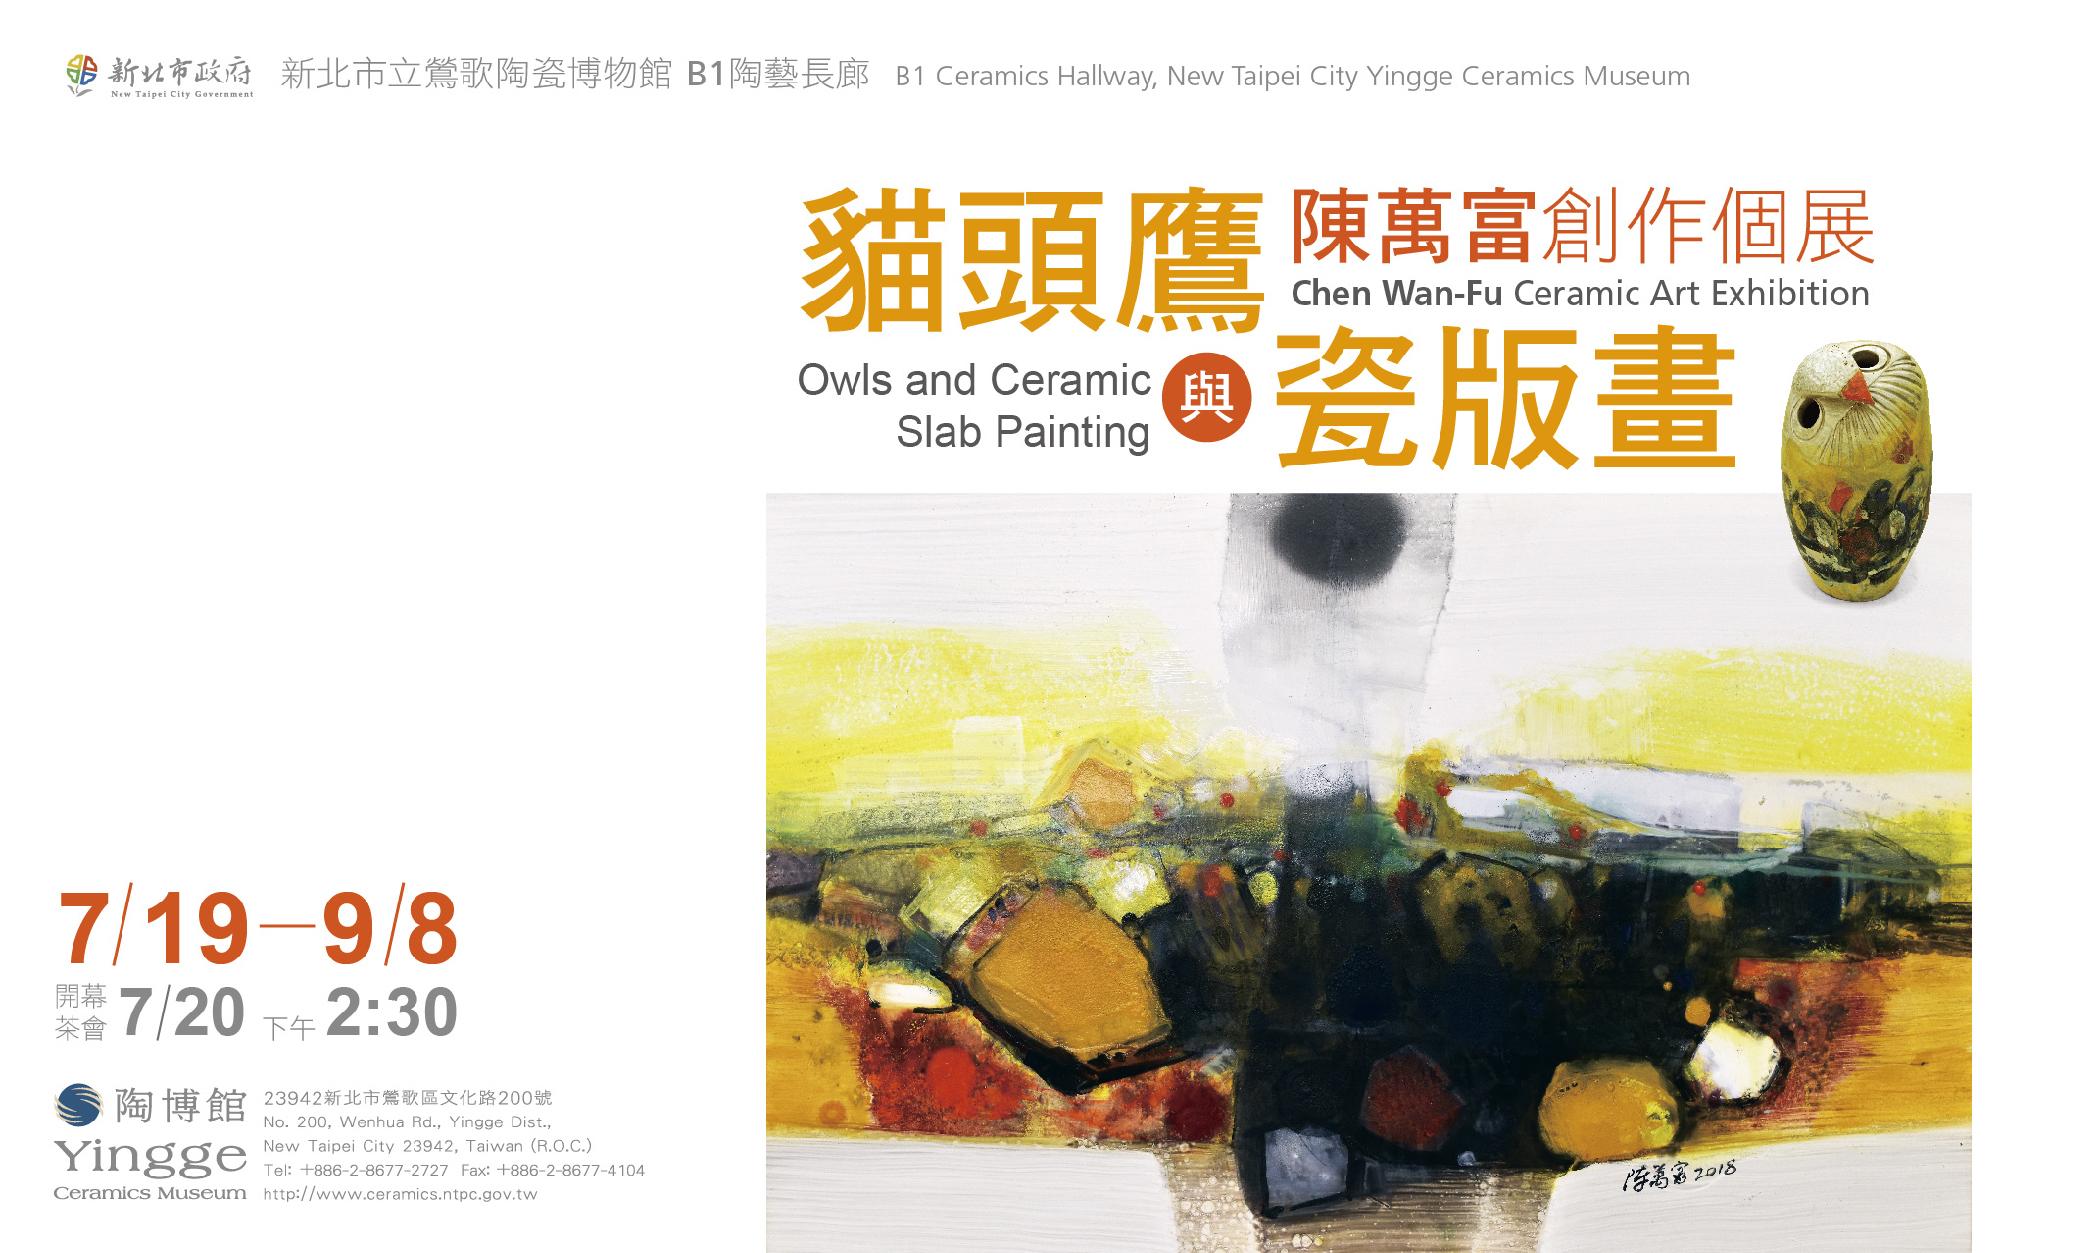 貓頭鷹與瓷版畫—陳萬富創作個展